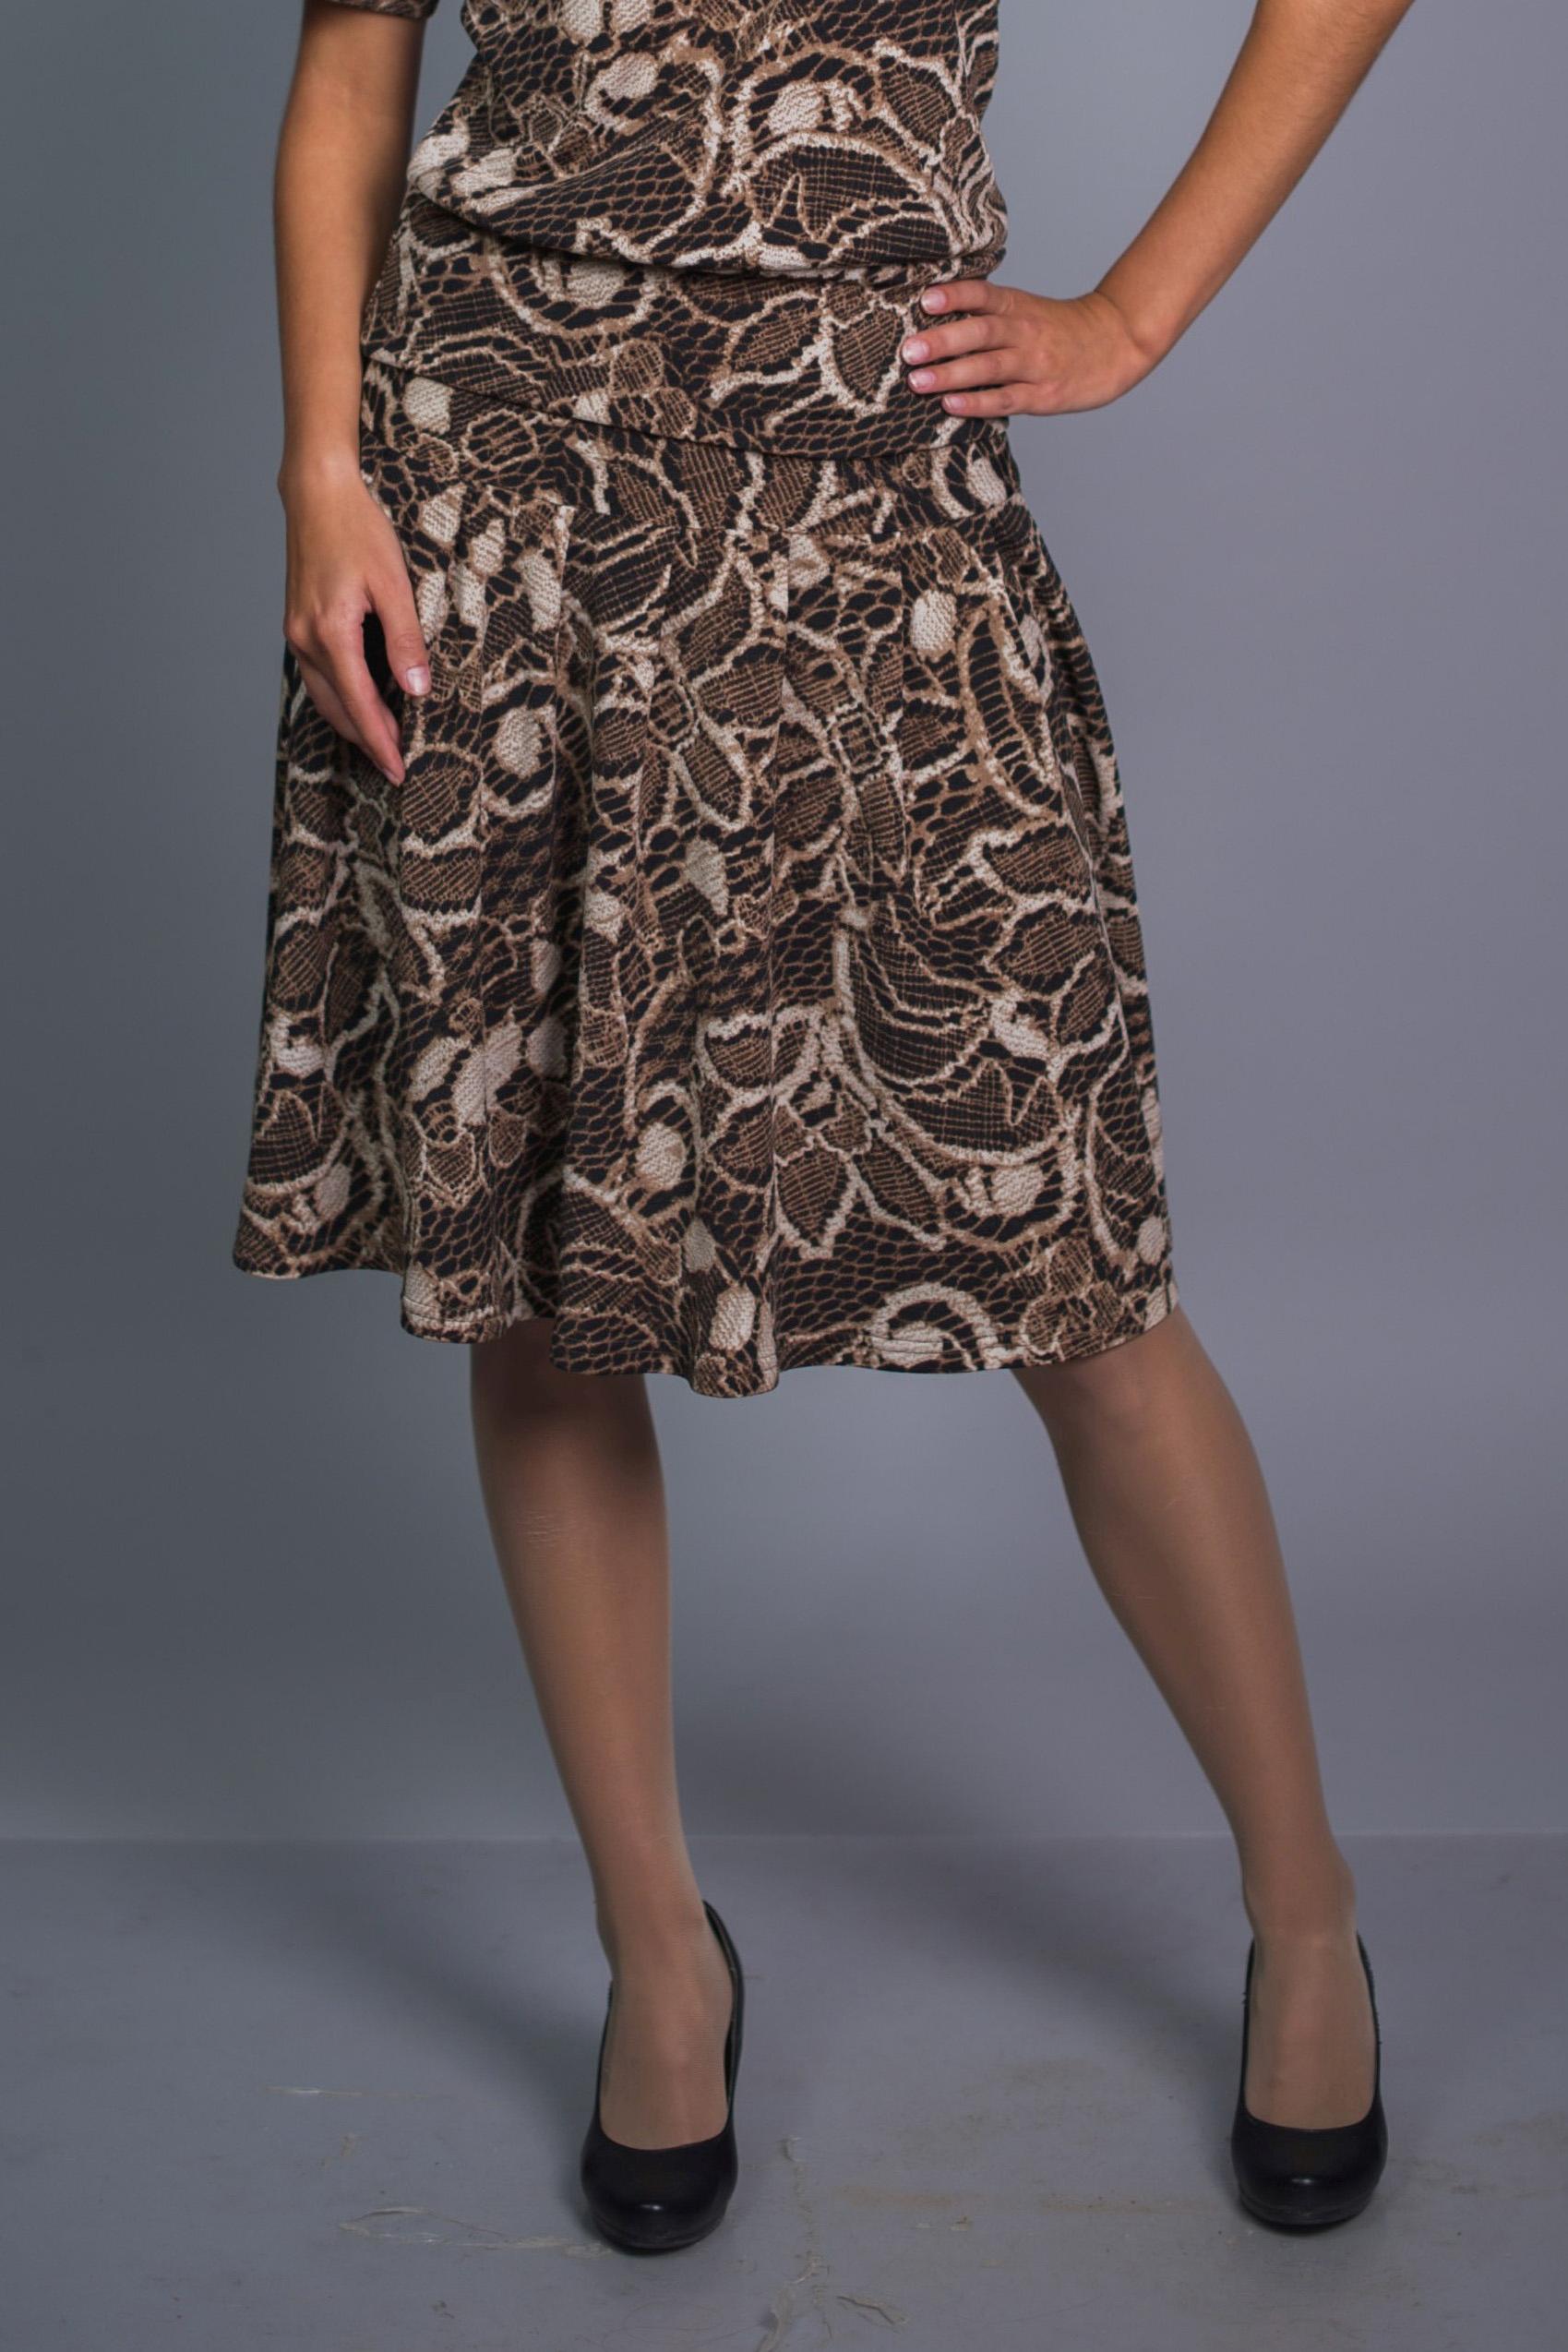 ЮбкаЮбки<br>Удобная юбка трапециевидного силуэта. Модель выполнена из приятного материала. Отличный выбор для повседневного гардероба.   В изделии использованы цвета: бежевый, коричневый  Ростовка изделия 170 см.<br><br>По длине: Ниже колена<br>По материалу: Вискоза,Трикотаж<br>По рисунку: Растительные мотивы,С принтом,Цветные,Цветочные<br>По силуэту: Полуприталенные<br>По стилю: Повседневный стиль<br>По форме: Юбка-трапеция<br>По сезону: Осень,Весна<br>Размер : 44,46<br>Материал: Трикотаж<br>Количество в наличии: 2